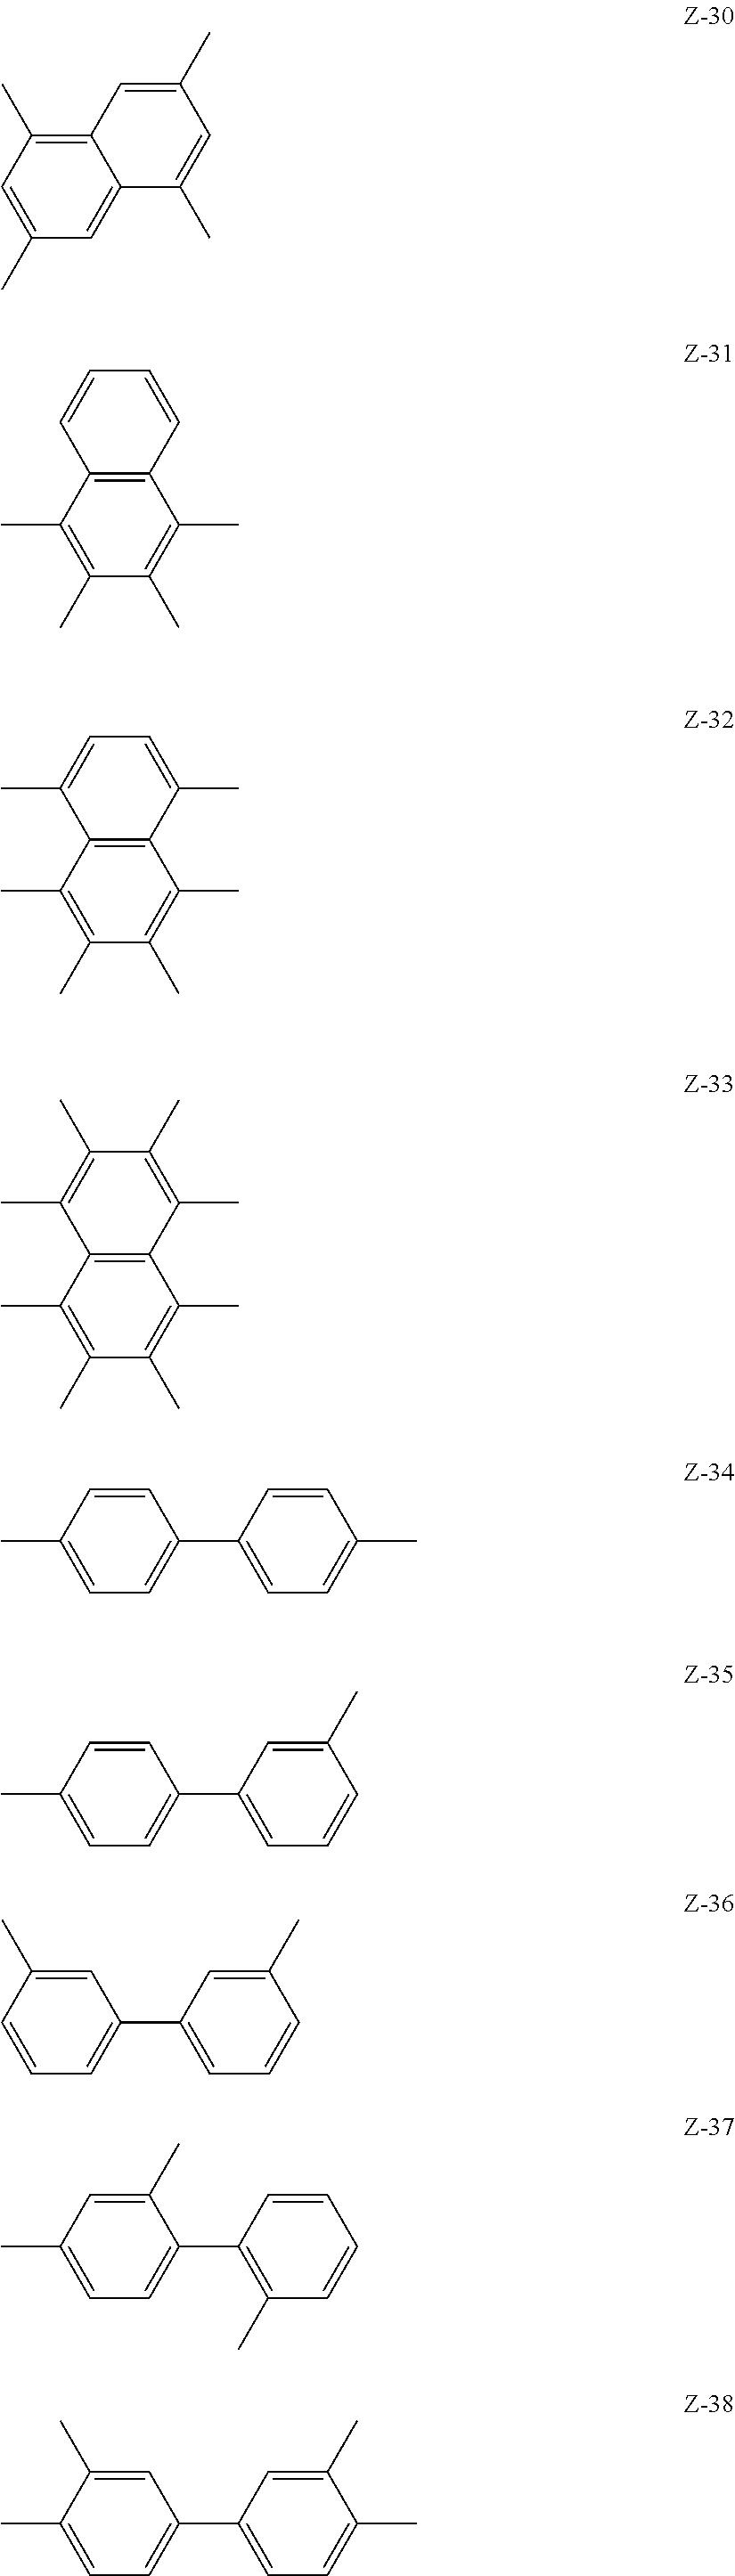 Figure US20110215312A1-20110908-C00035